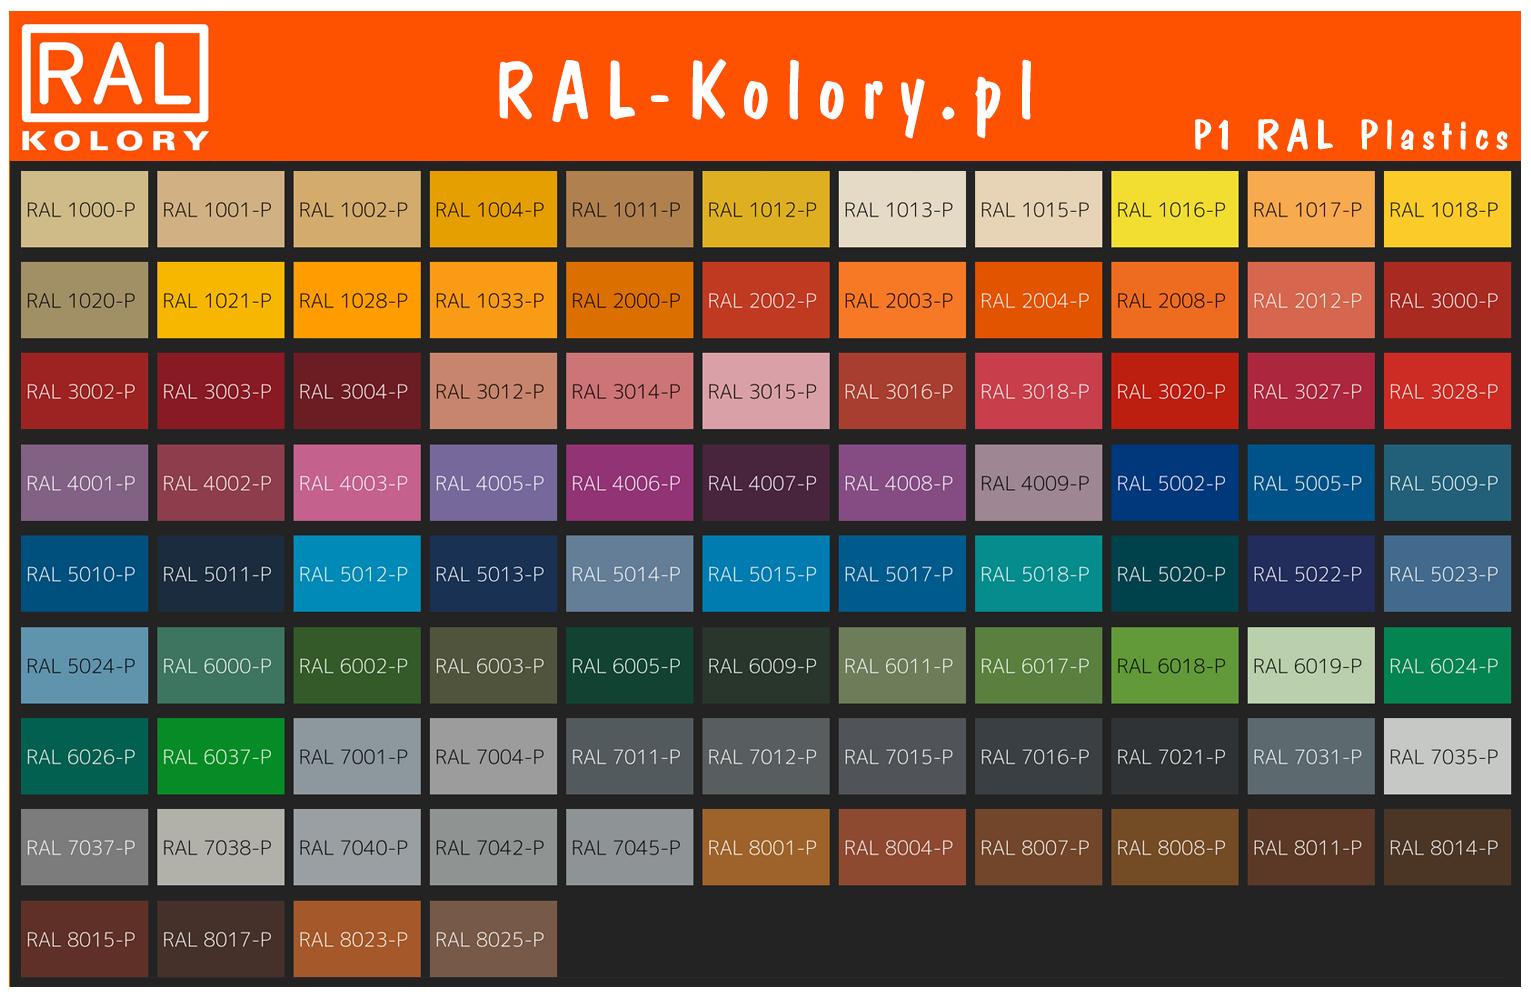 P1 RAL Plastics Wzornik kolorów PL